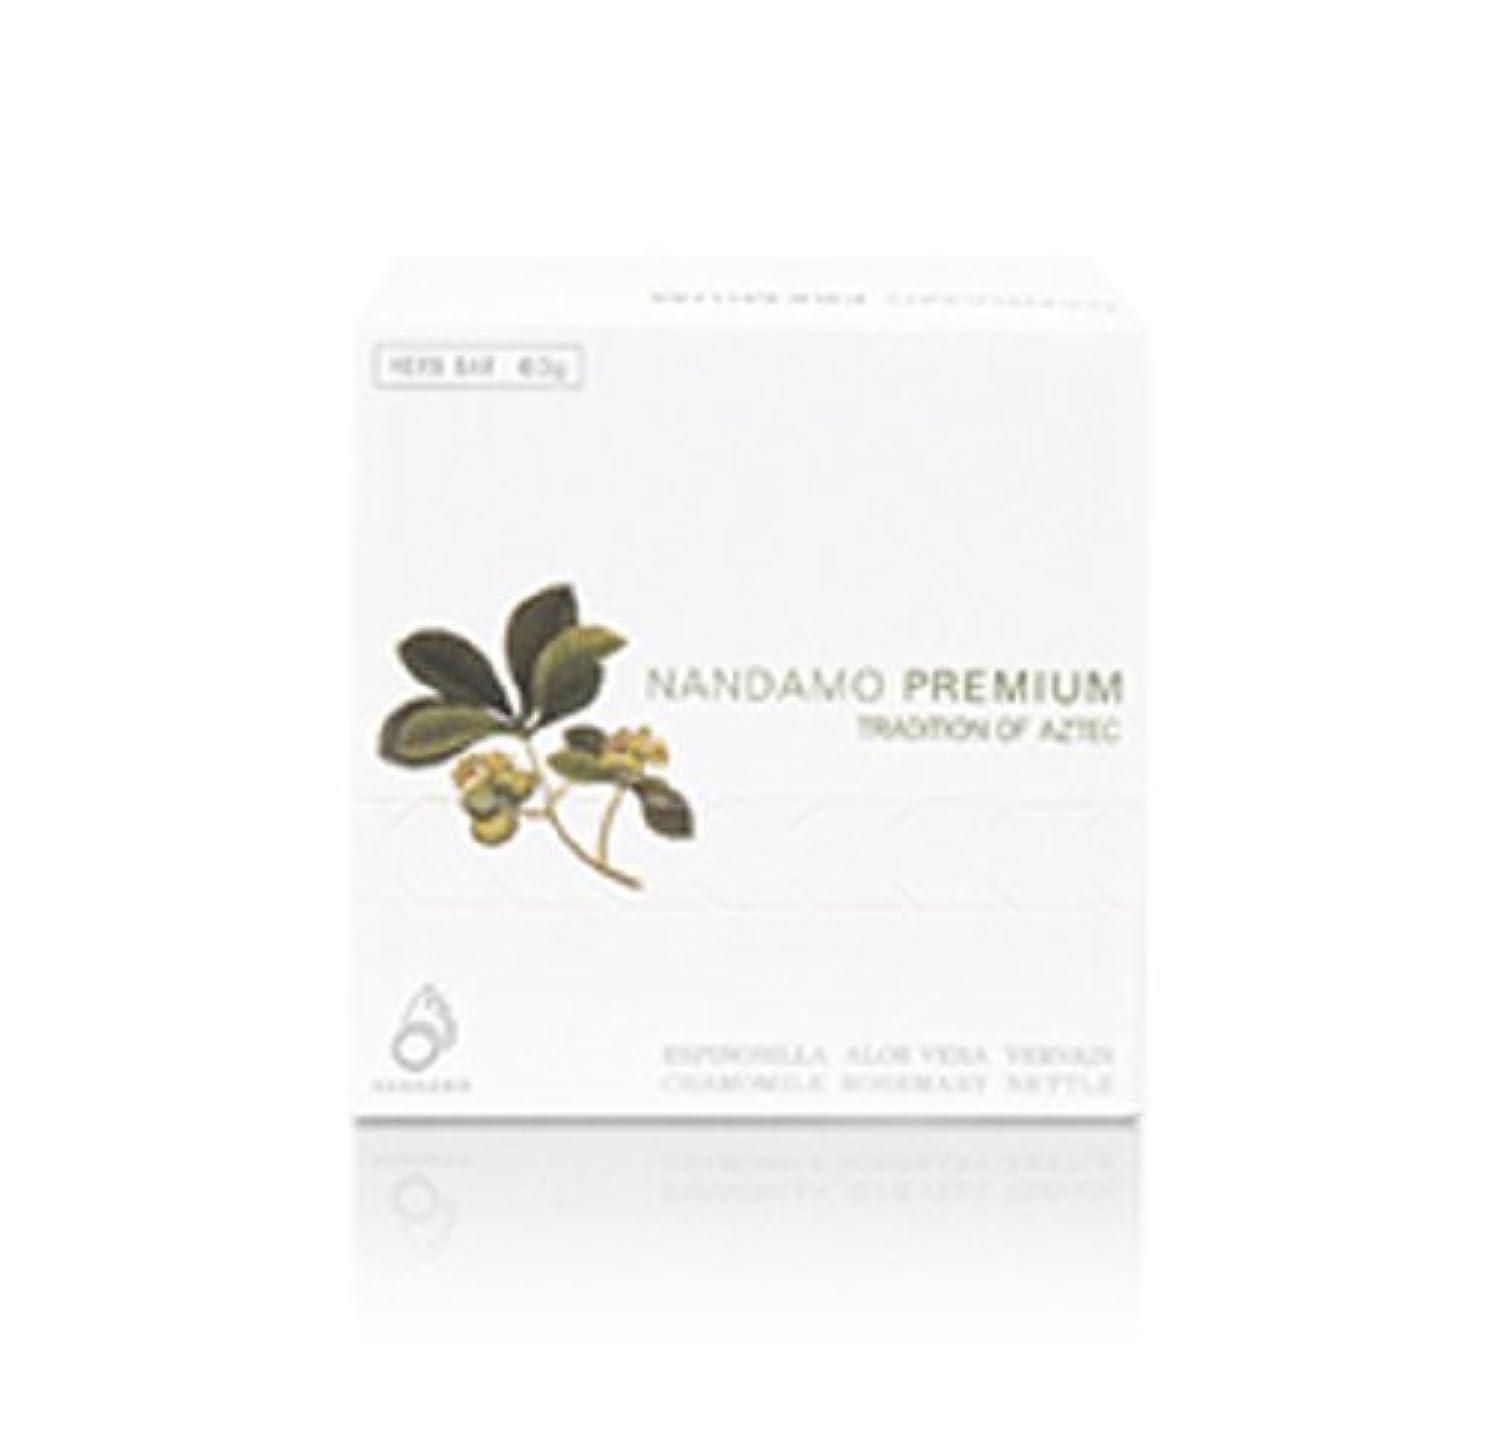 ボタンスパーク見通しNANDAMO PREMIUM(ナンダモプレミアム)ナンダモプレミアム60g